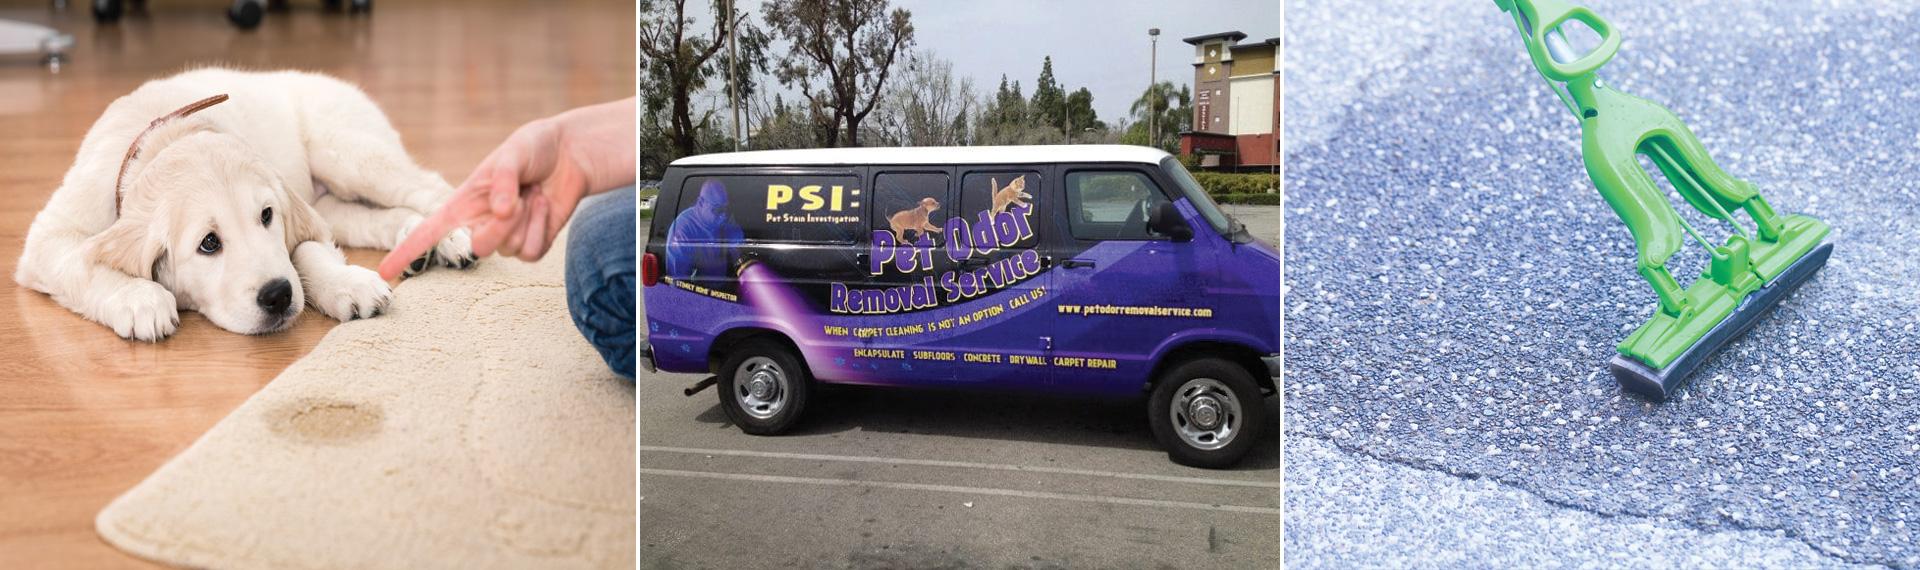 Pet Odor Removal Service Silverado CA